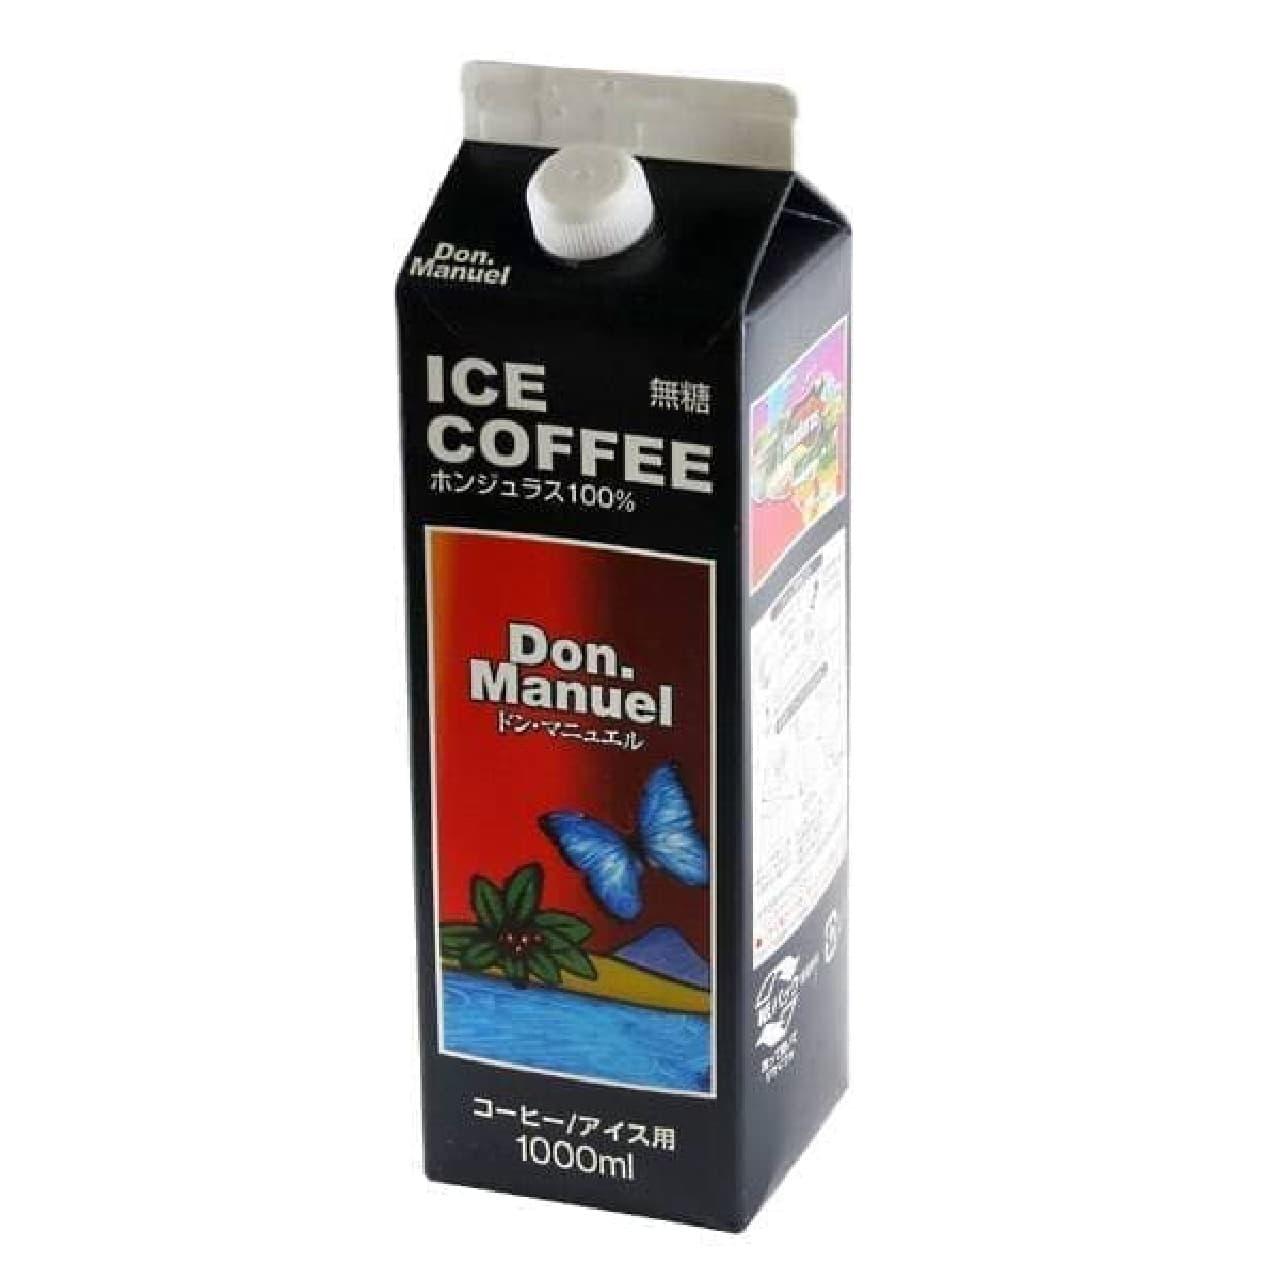 カルディ「ドンマニュエル リキッドコーヒー(無糖) 1000ml」